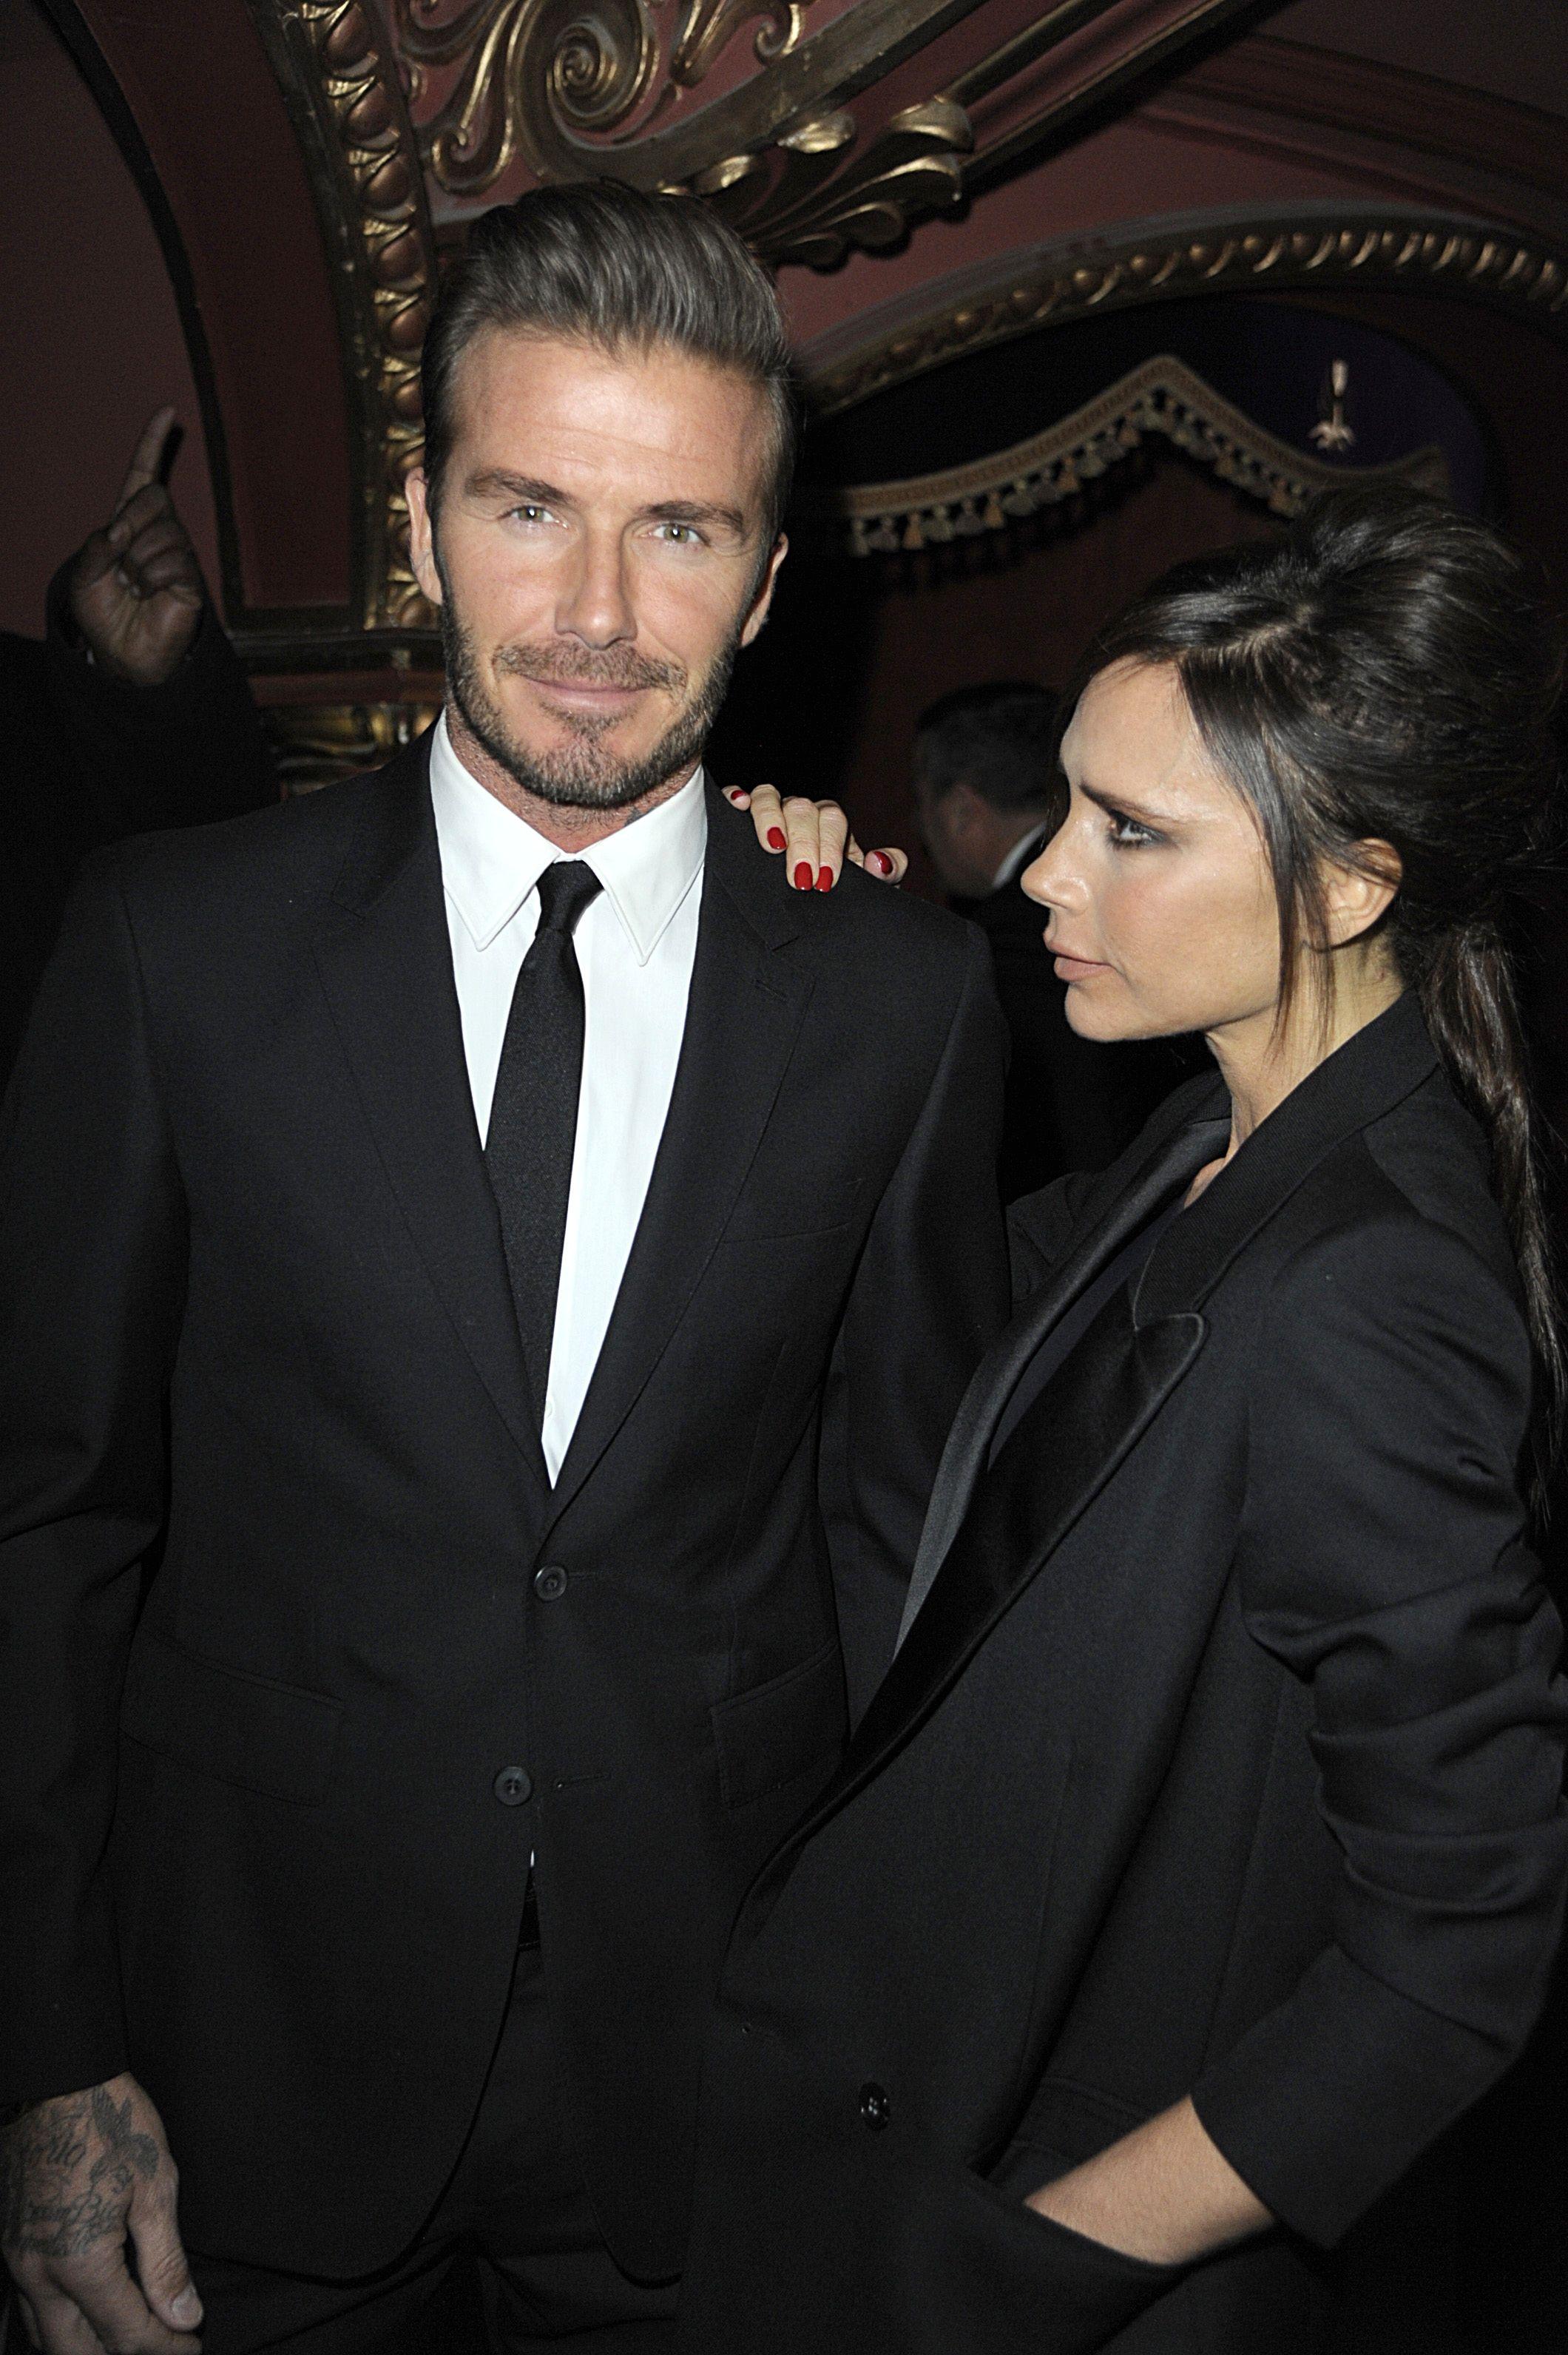 David and Victoria Beckham at the British Fashion Awards